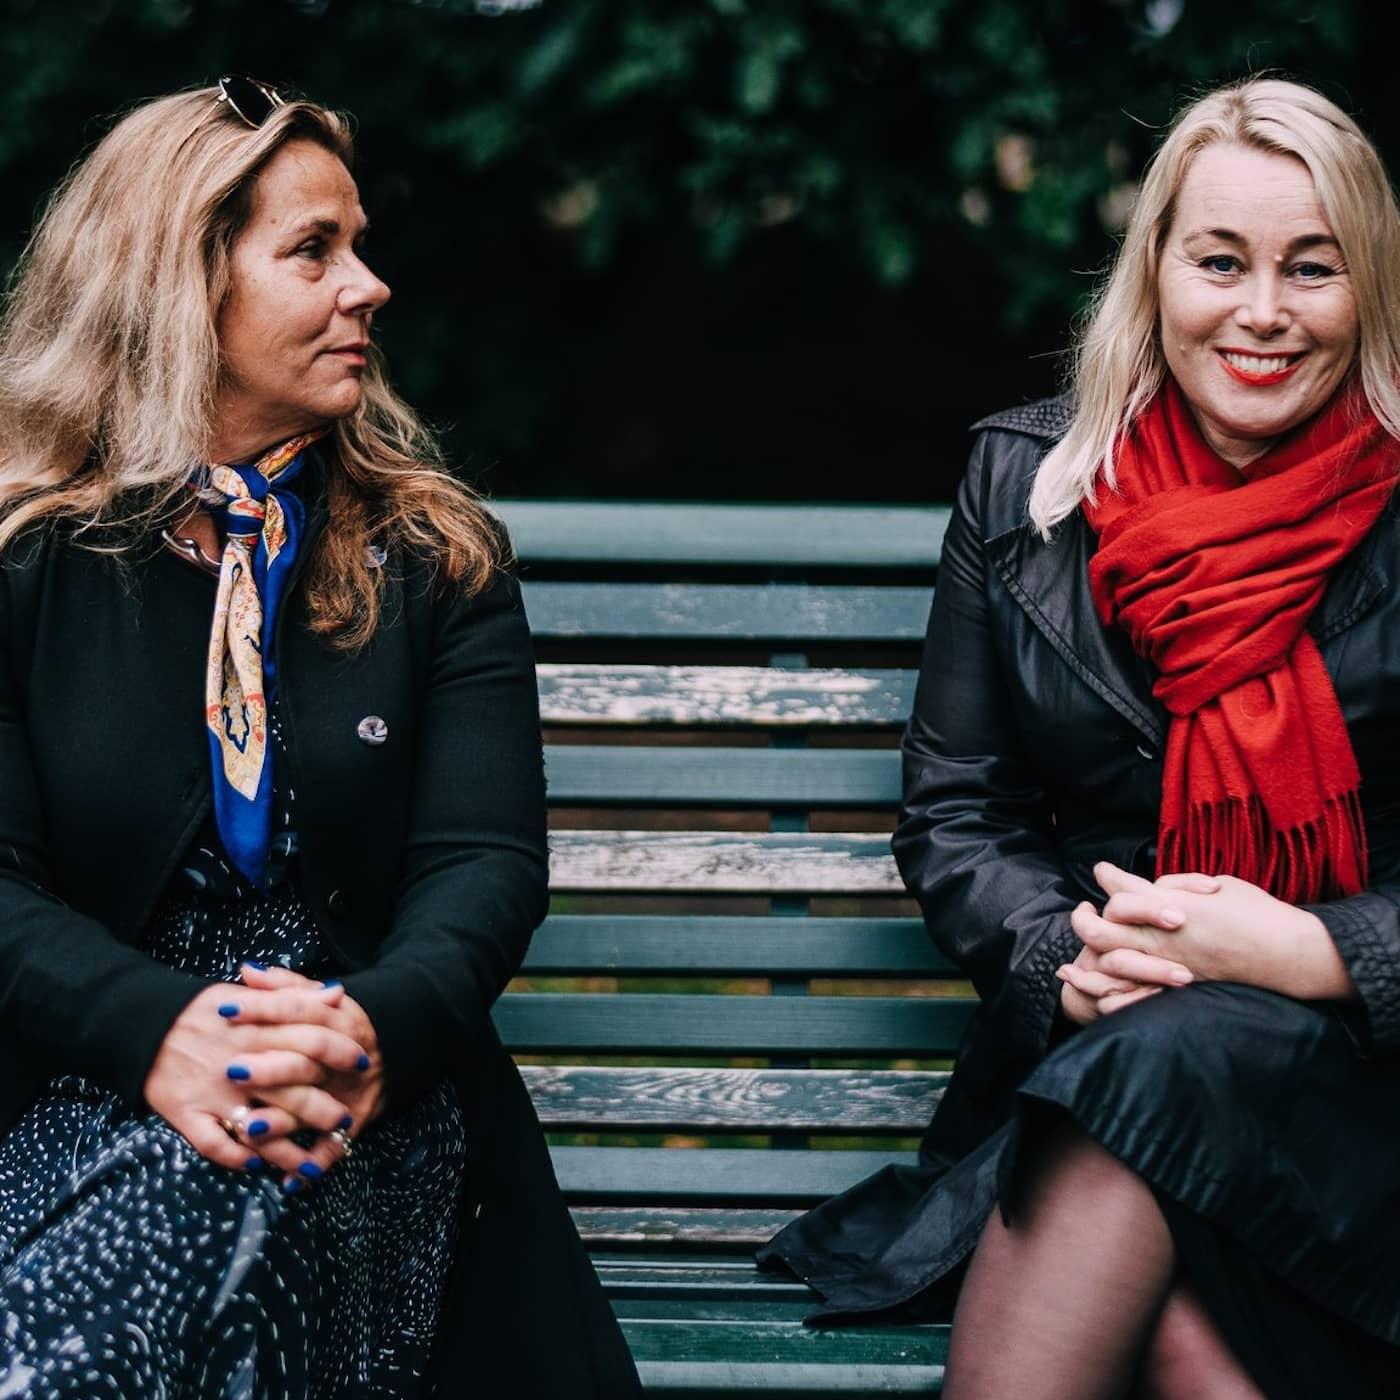 ANN HEBERLEIN: Hade inte kunnat föreställa mig att det gick så snabbt att rasera en karriär